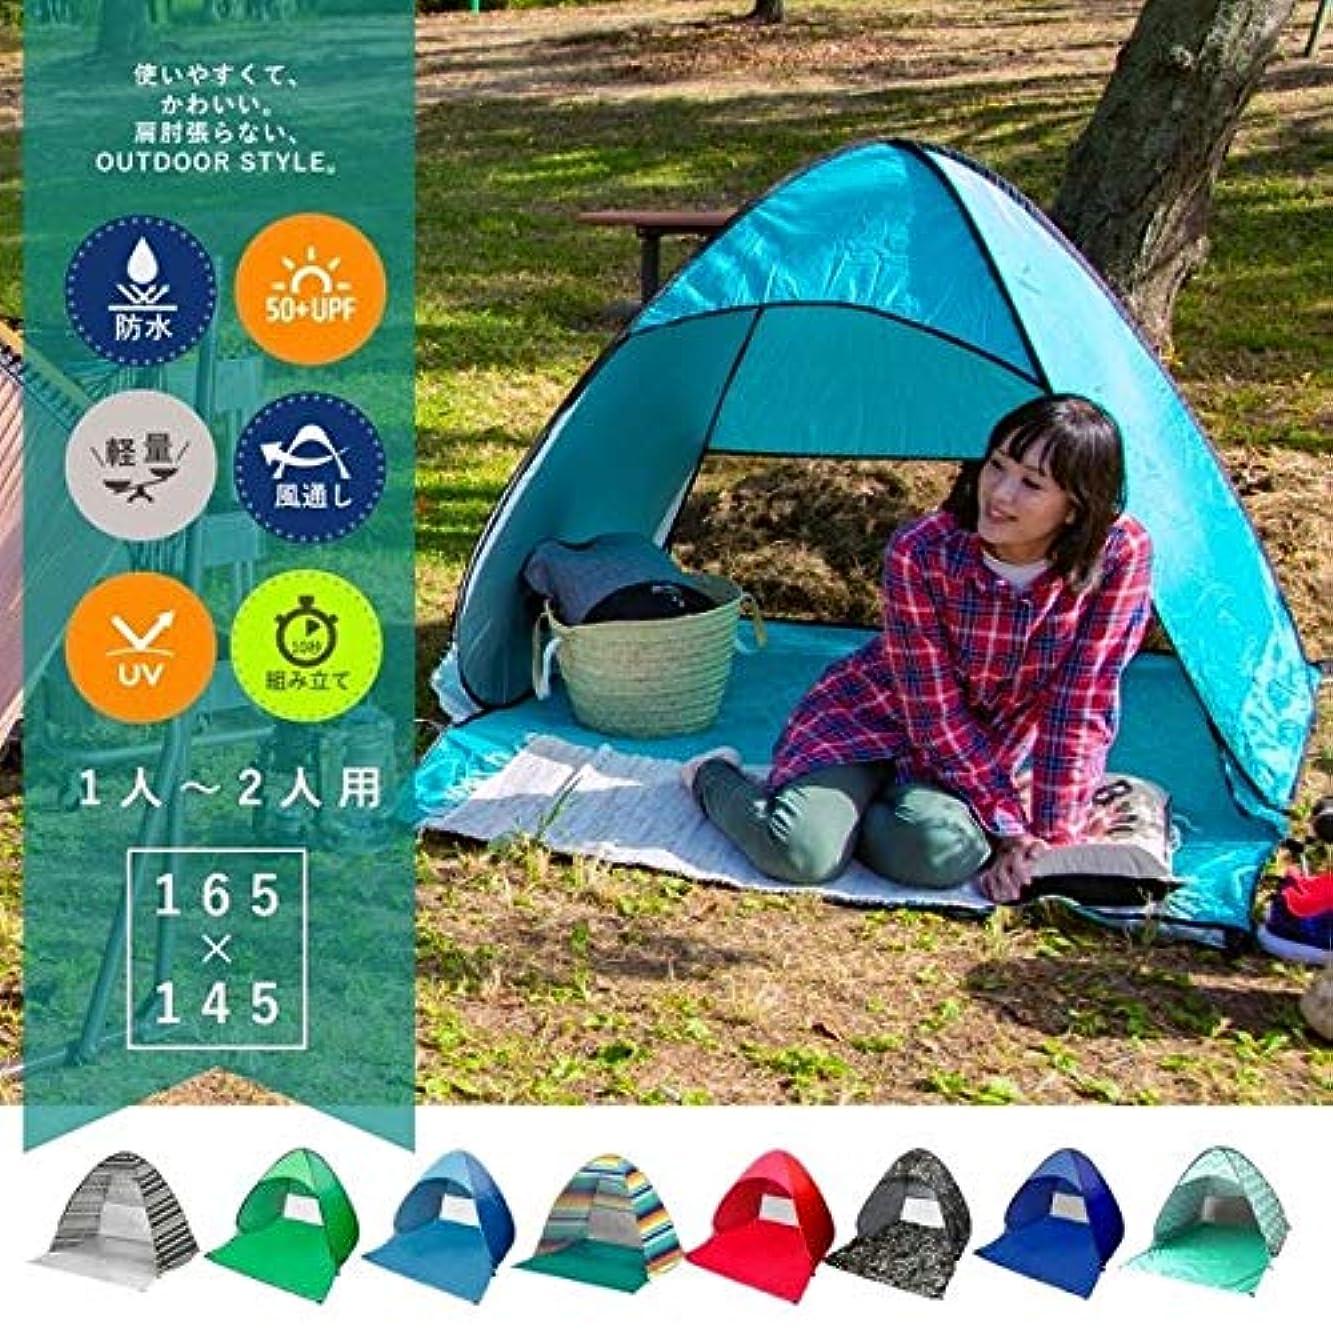 キュービックゆるい種をまくポップアップテント おしゃれ ワンタッチ テント サンシェード シェルター 1人用 2人用 テント